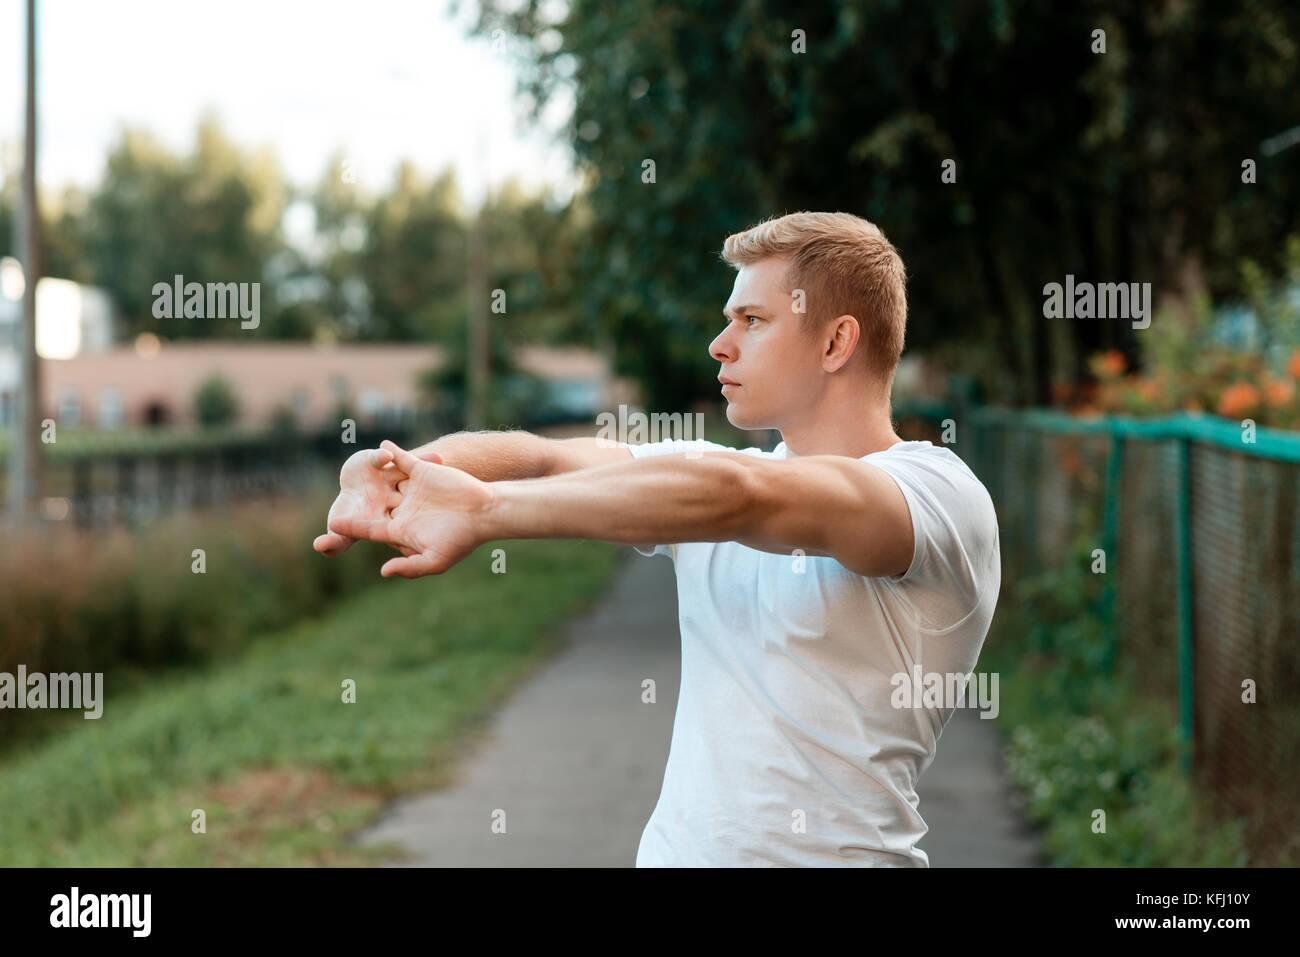 Männliche Athlet warm-up in der Natur, die Straße in der Stadt, bis die Erwärmung der Muskeln der Stockbild